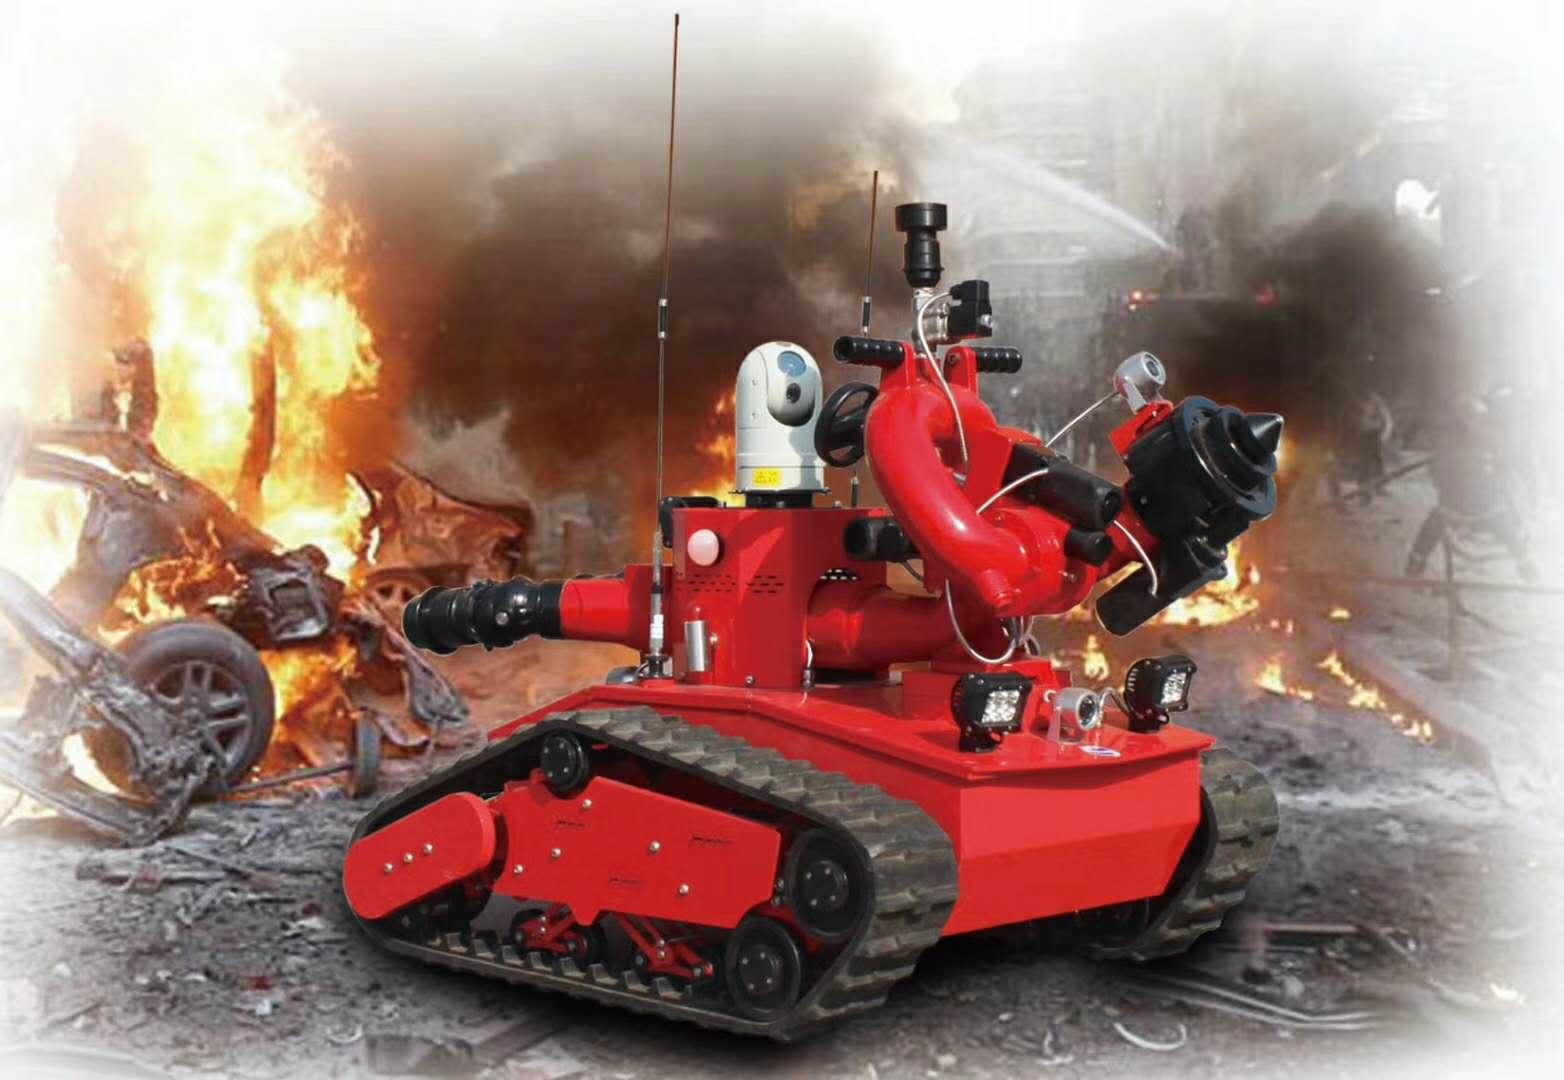 程力公司制造的RXR-M40D的灭火战车派上用场了,特殊场合需要特殊的消防作战设备,机器人遥控作业配合消防车可以随意进入火场完成消防作战任务!√